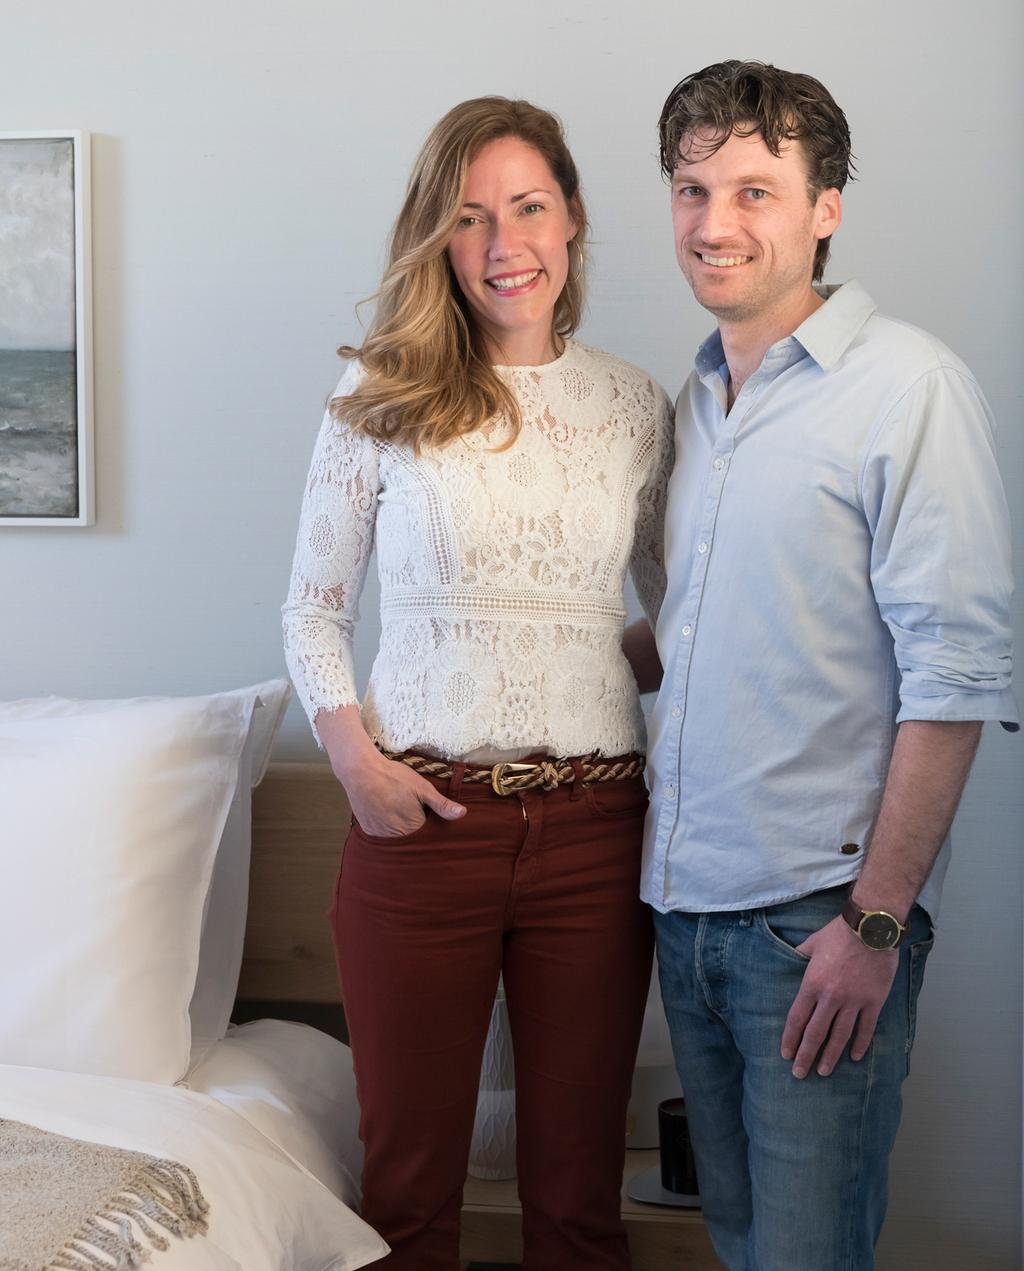 vtwonen Weer verliefd op je huis aflevering 7 seizoen 14 | Marianne in Bodegraven